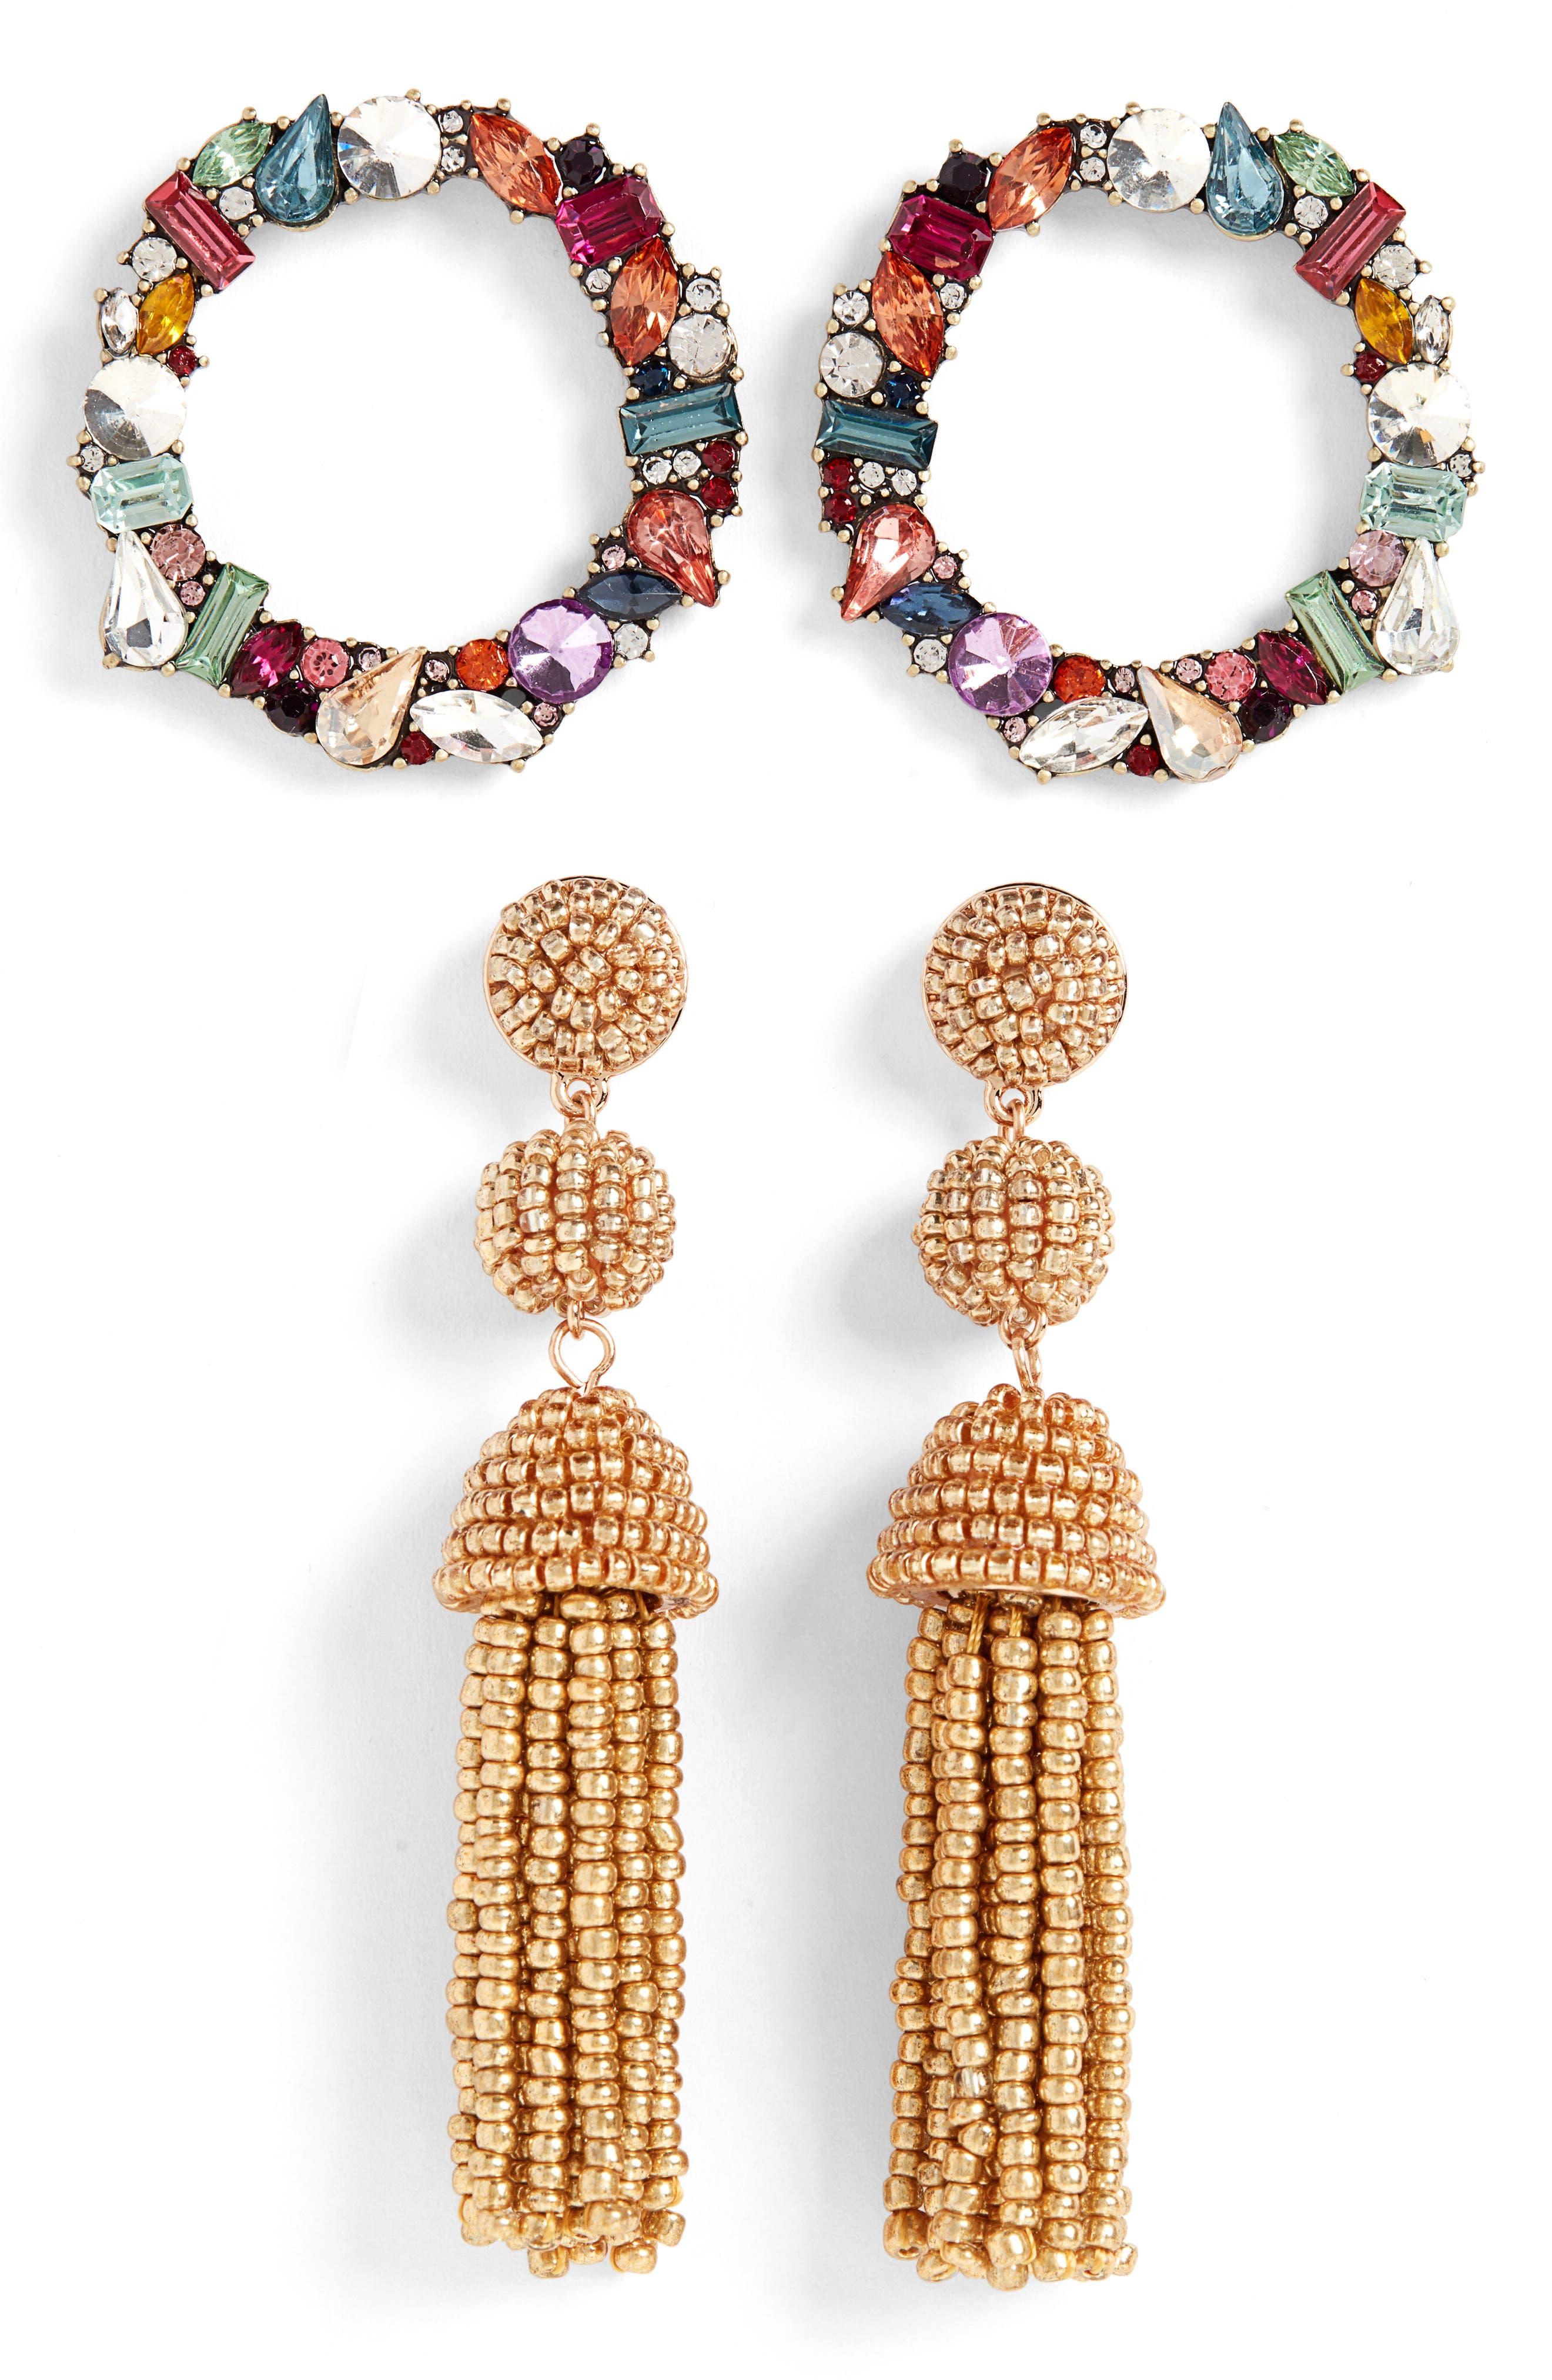 2-Pack Tassel & Hoop Earrings,                             Main thumbnail 1, color,                             MULTI